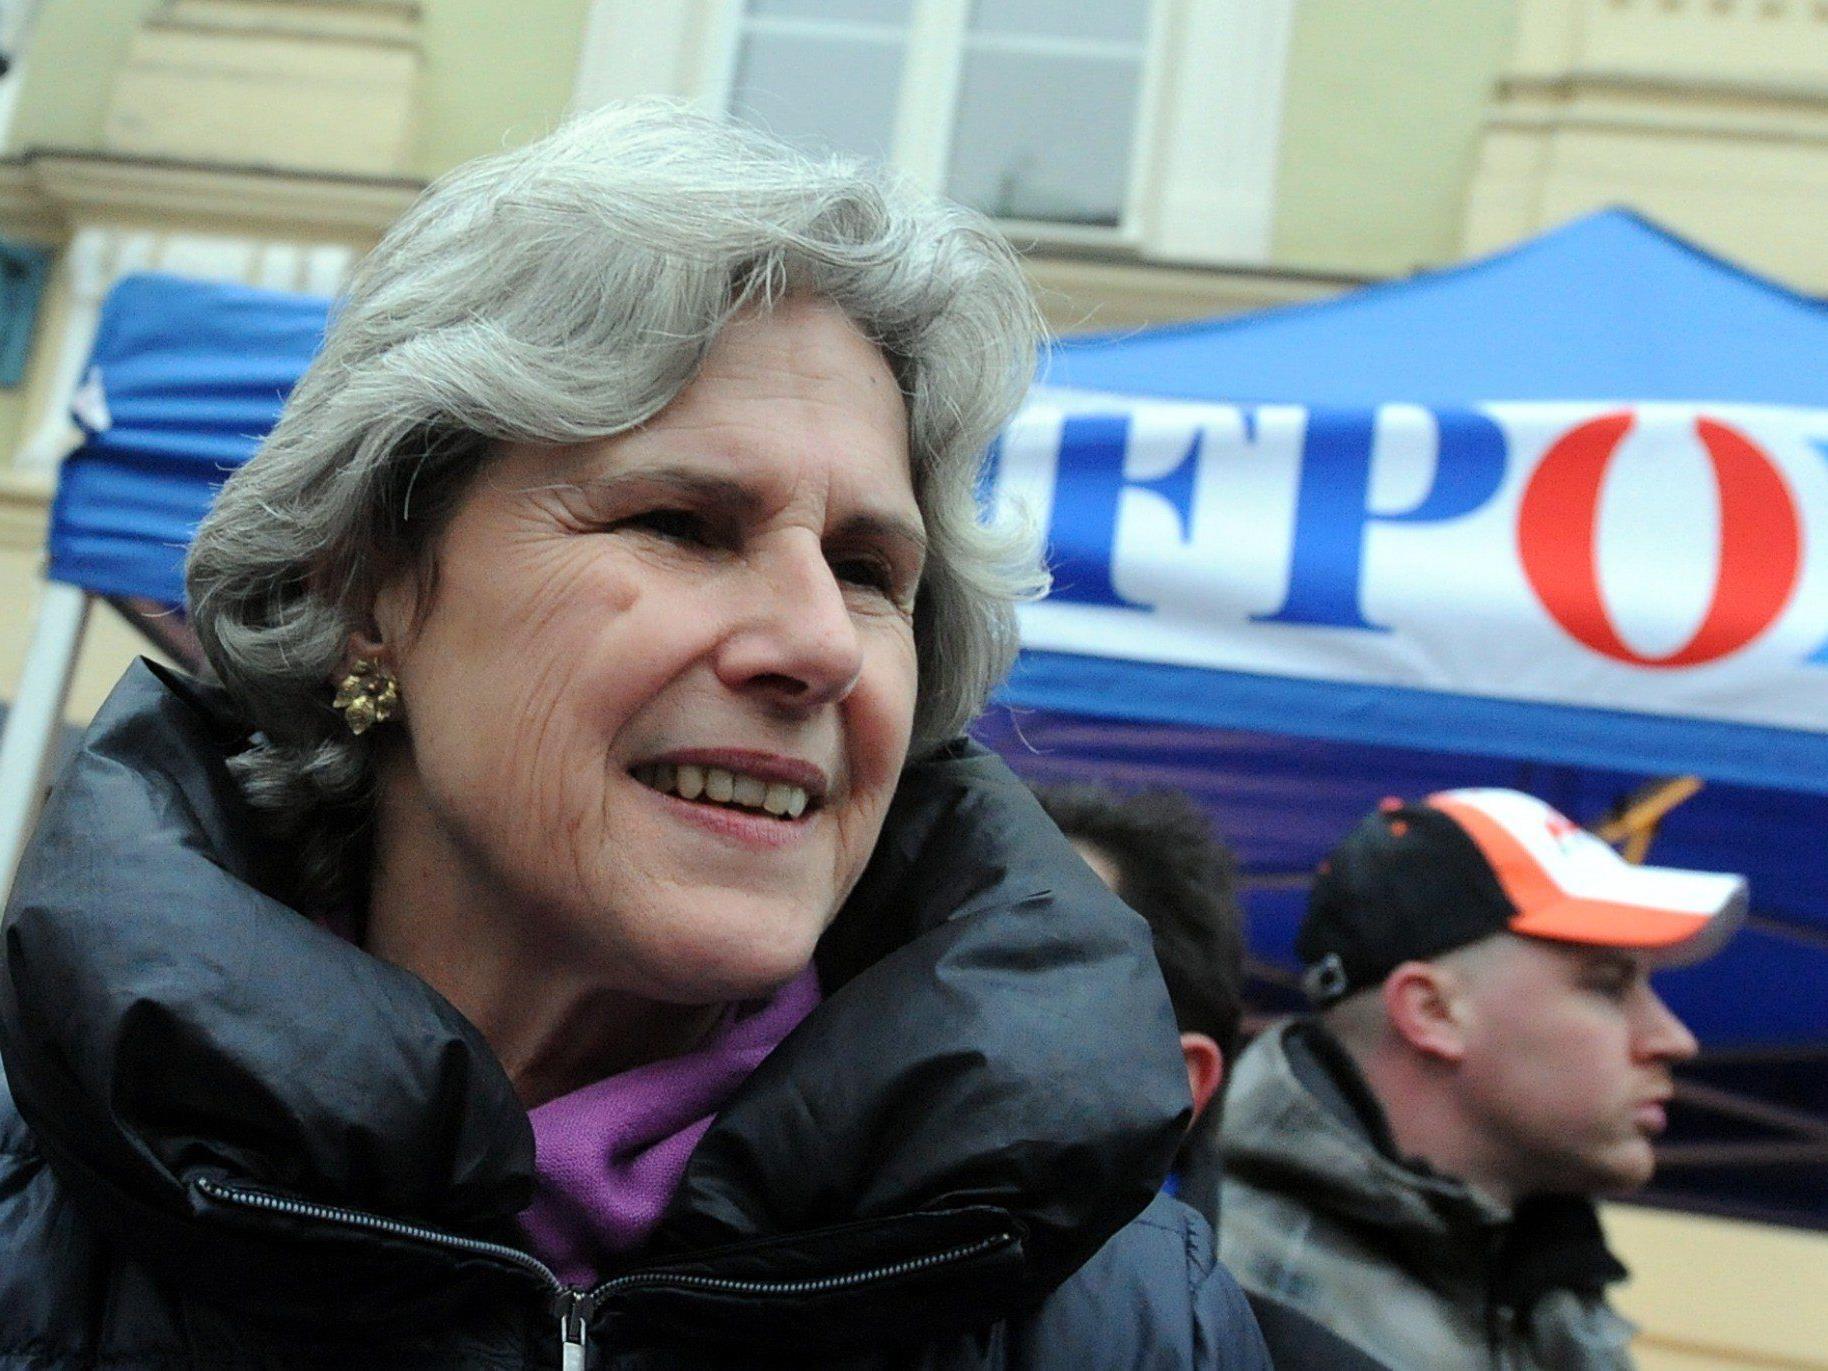 Nach NÖ-Wahl - Druck auf Rosenkranz steigt vor Sitzung